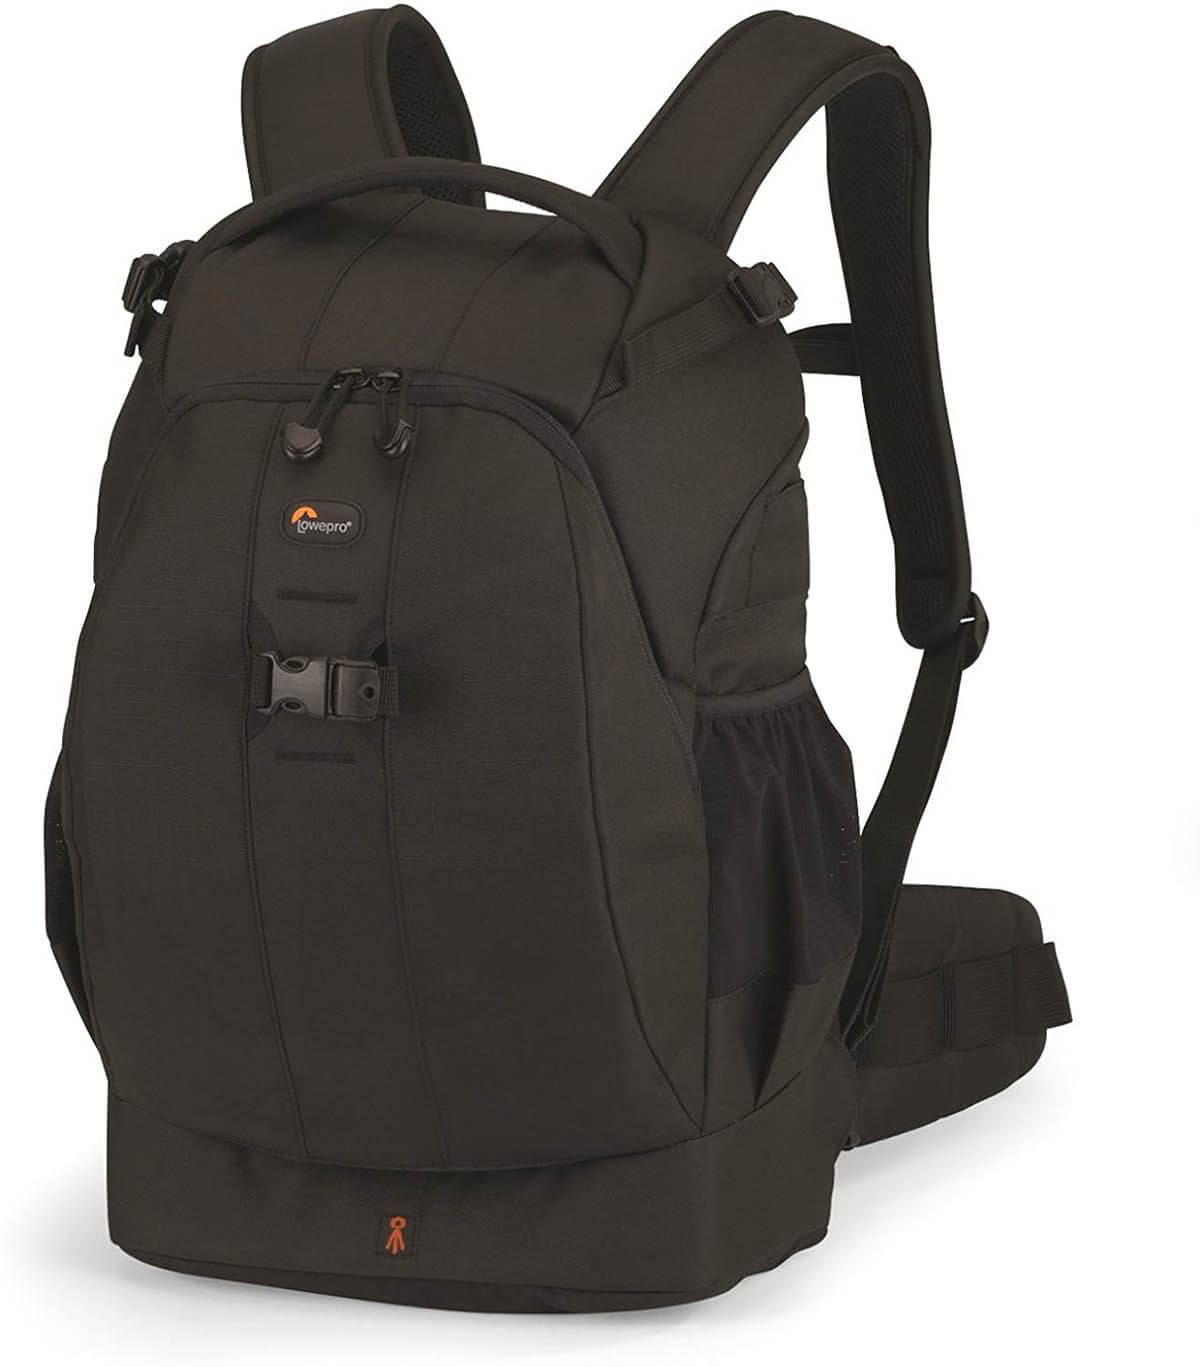 Best Camera Backpacks for Travel - Lowepro Flipside 400